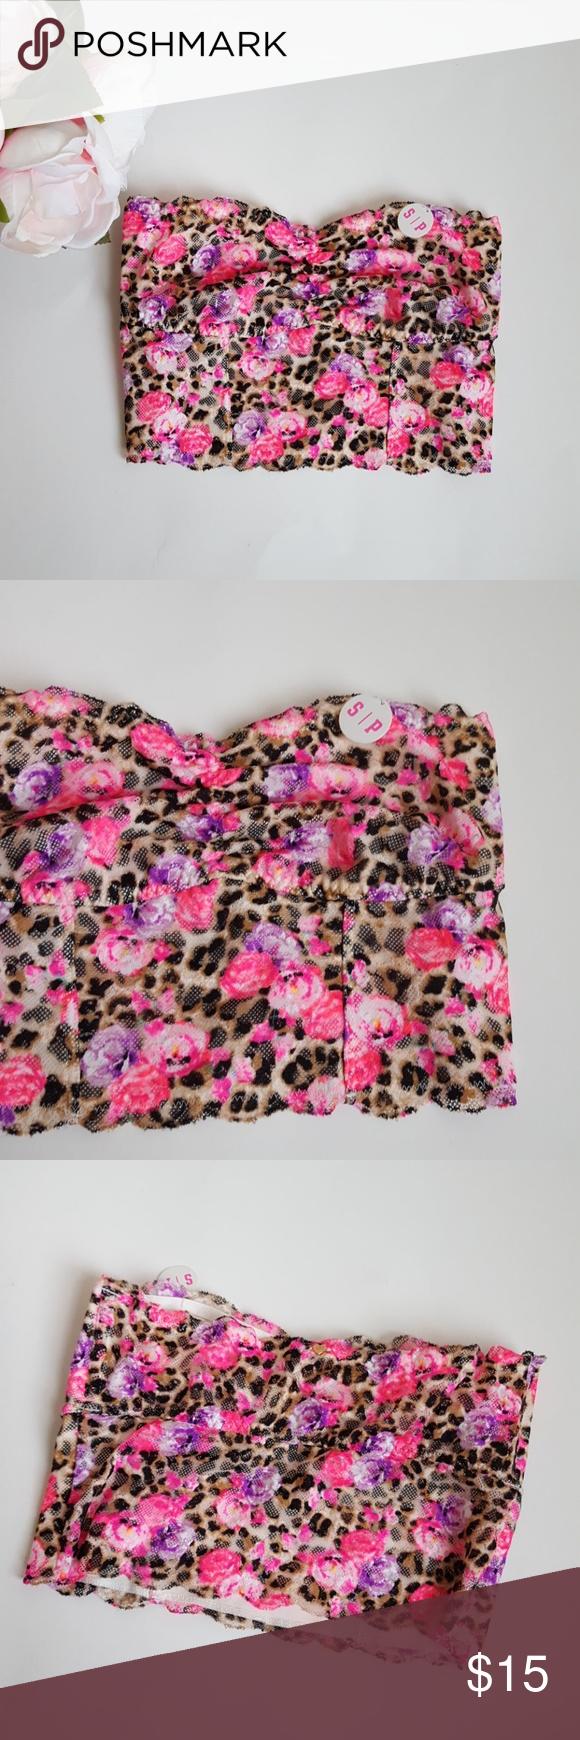 3549b0df10b57 PINK lace bralette floral leopard print -D3 New with tags! Victoria s  Secret bralette